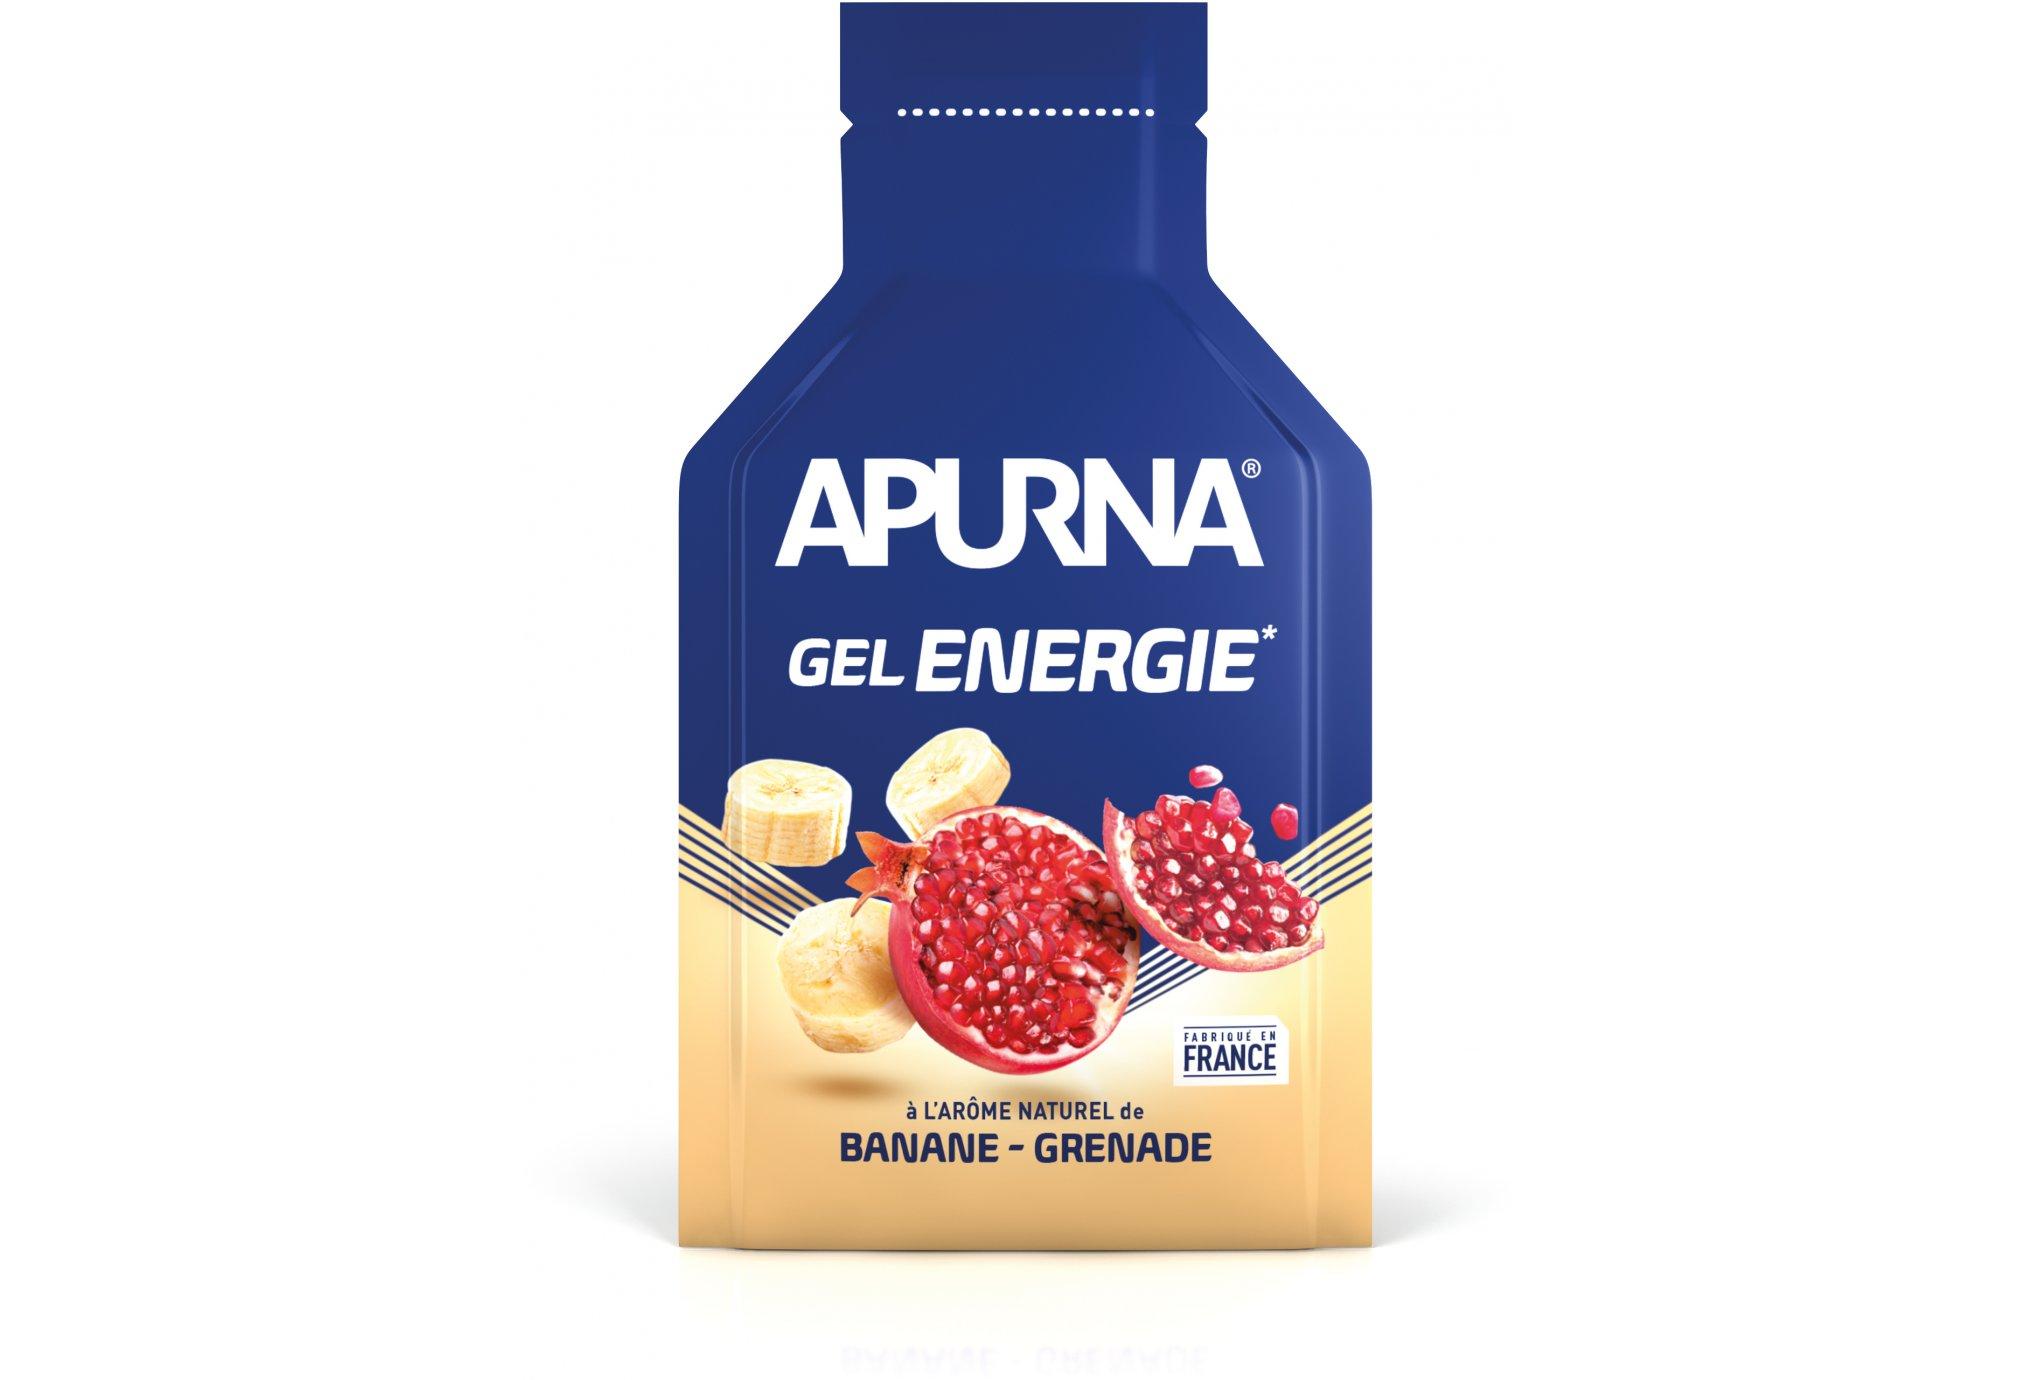 Apurna Gel energie - banane grenade diététique gels